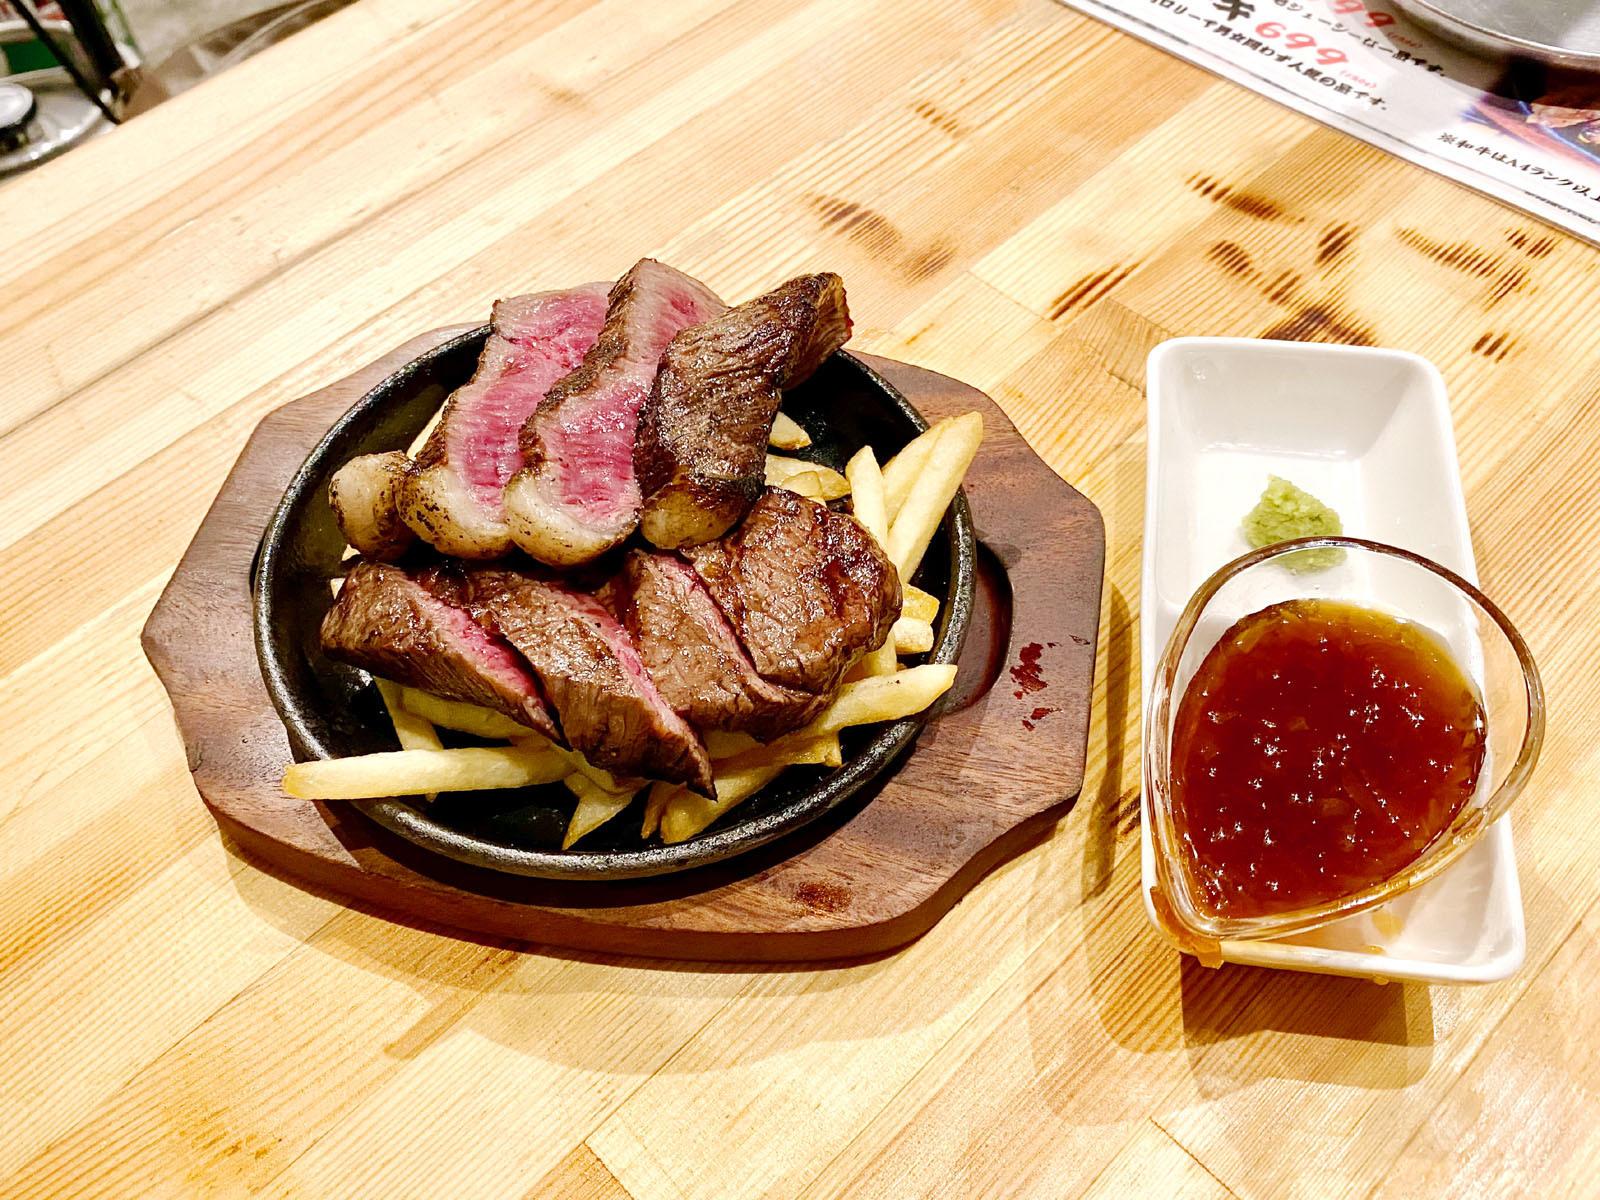 しんみょう精肉店 A4ランク以上!国産黒毛和牛ステーキ 999円(税抜き)